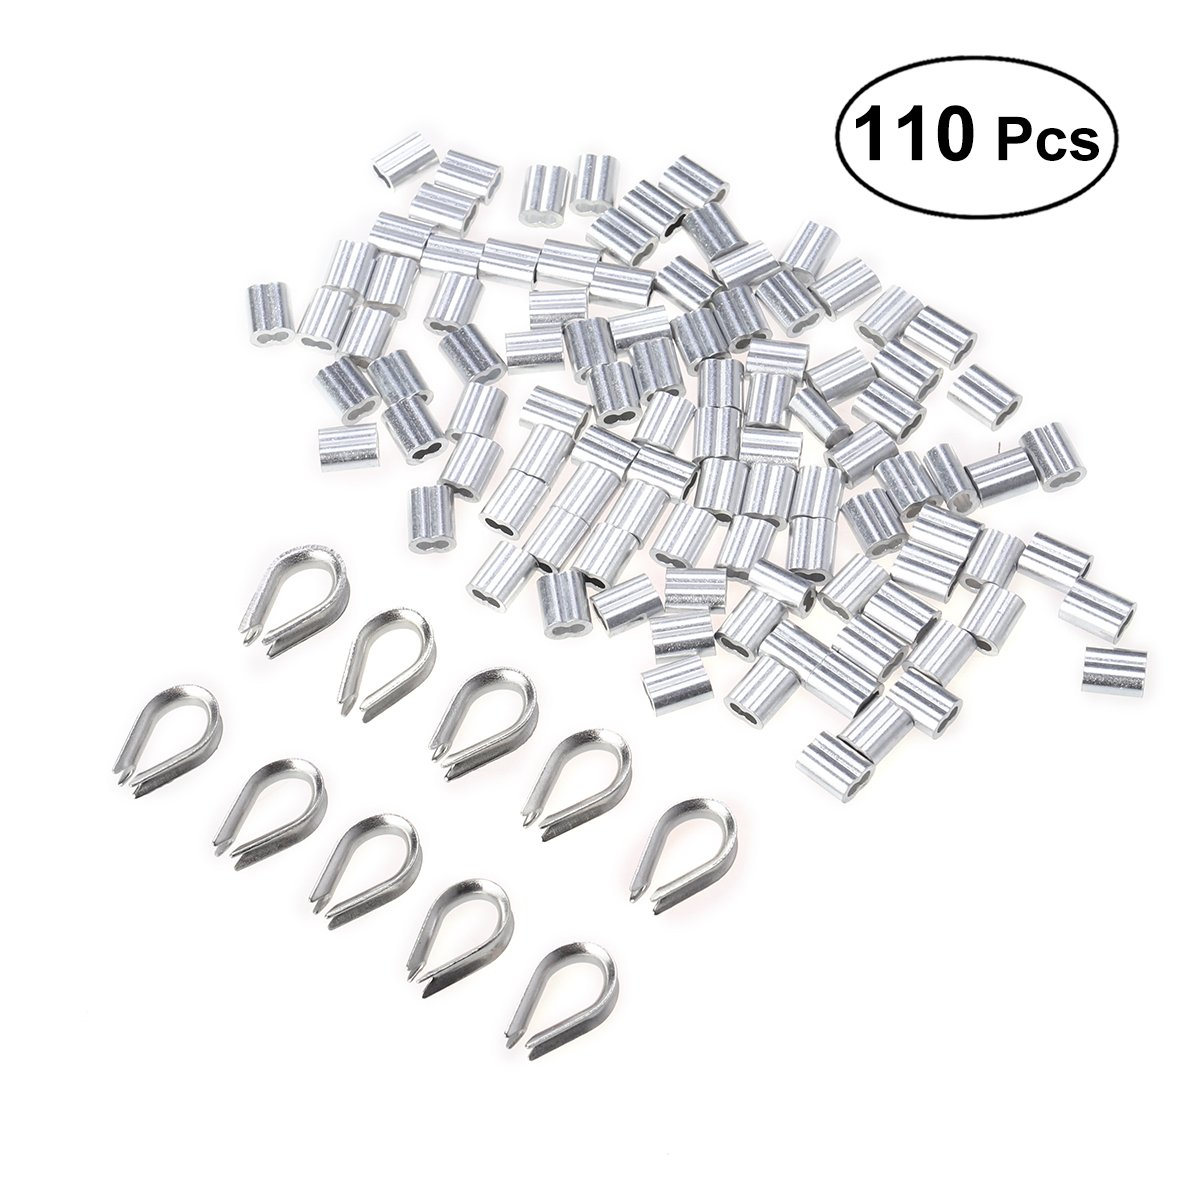 UKCOCO Sertissage de fil d'acier M15 en aluminium et jeu de cosses en acier inoxydable M2-110 piè ces (argent)